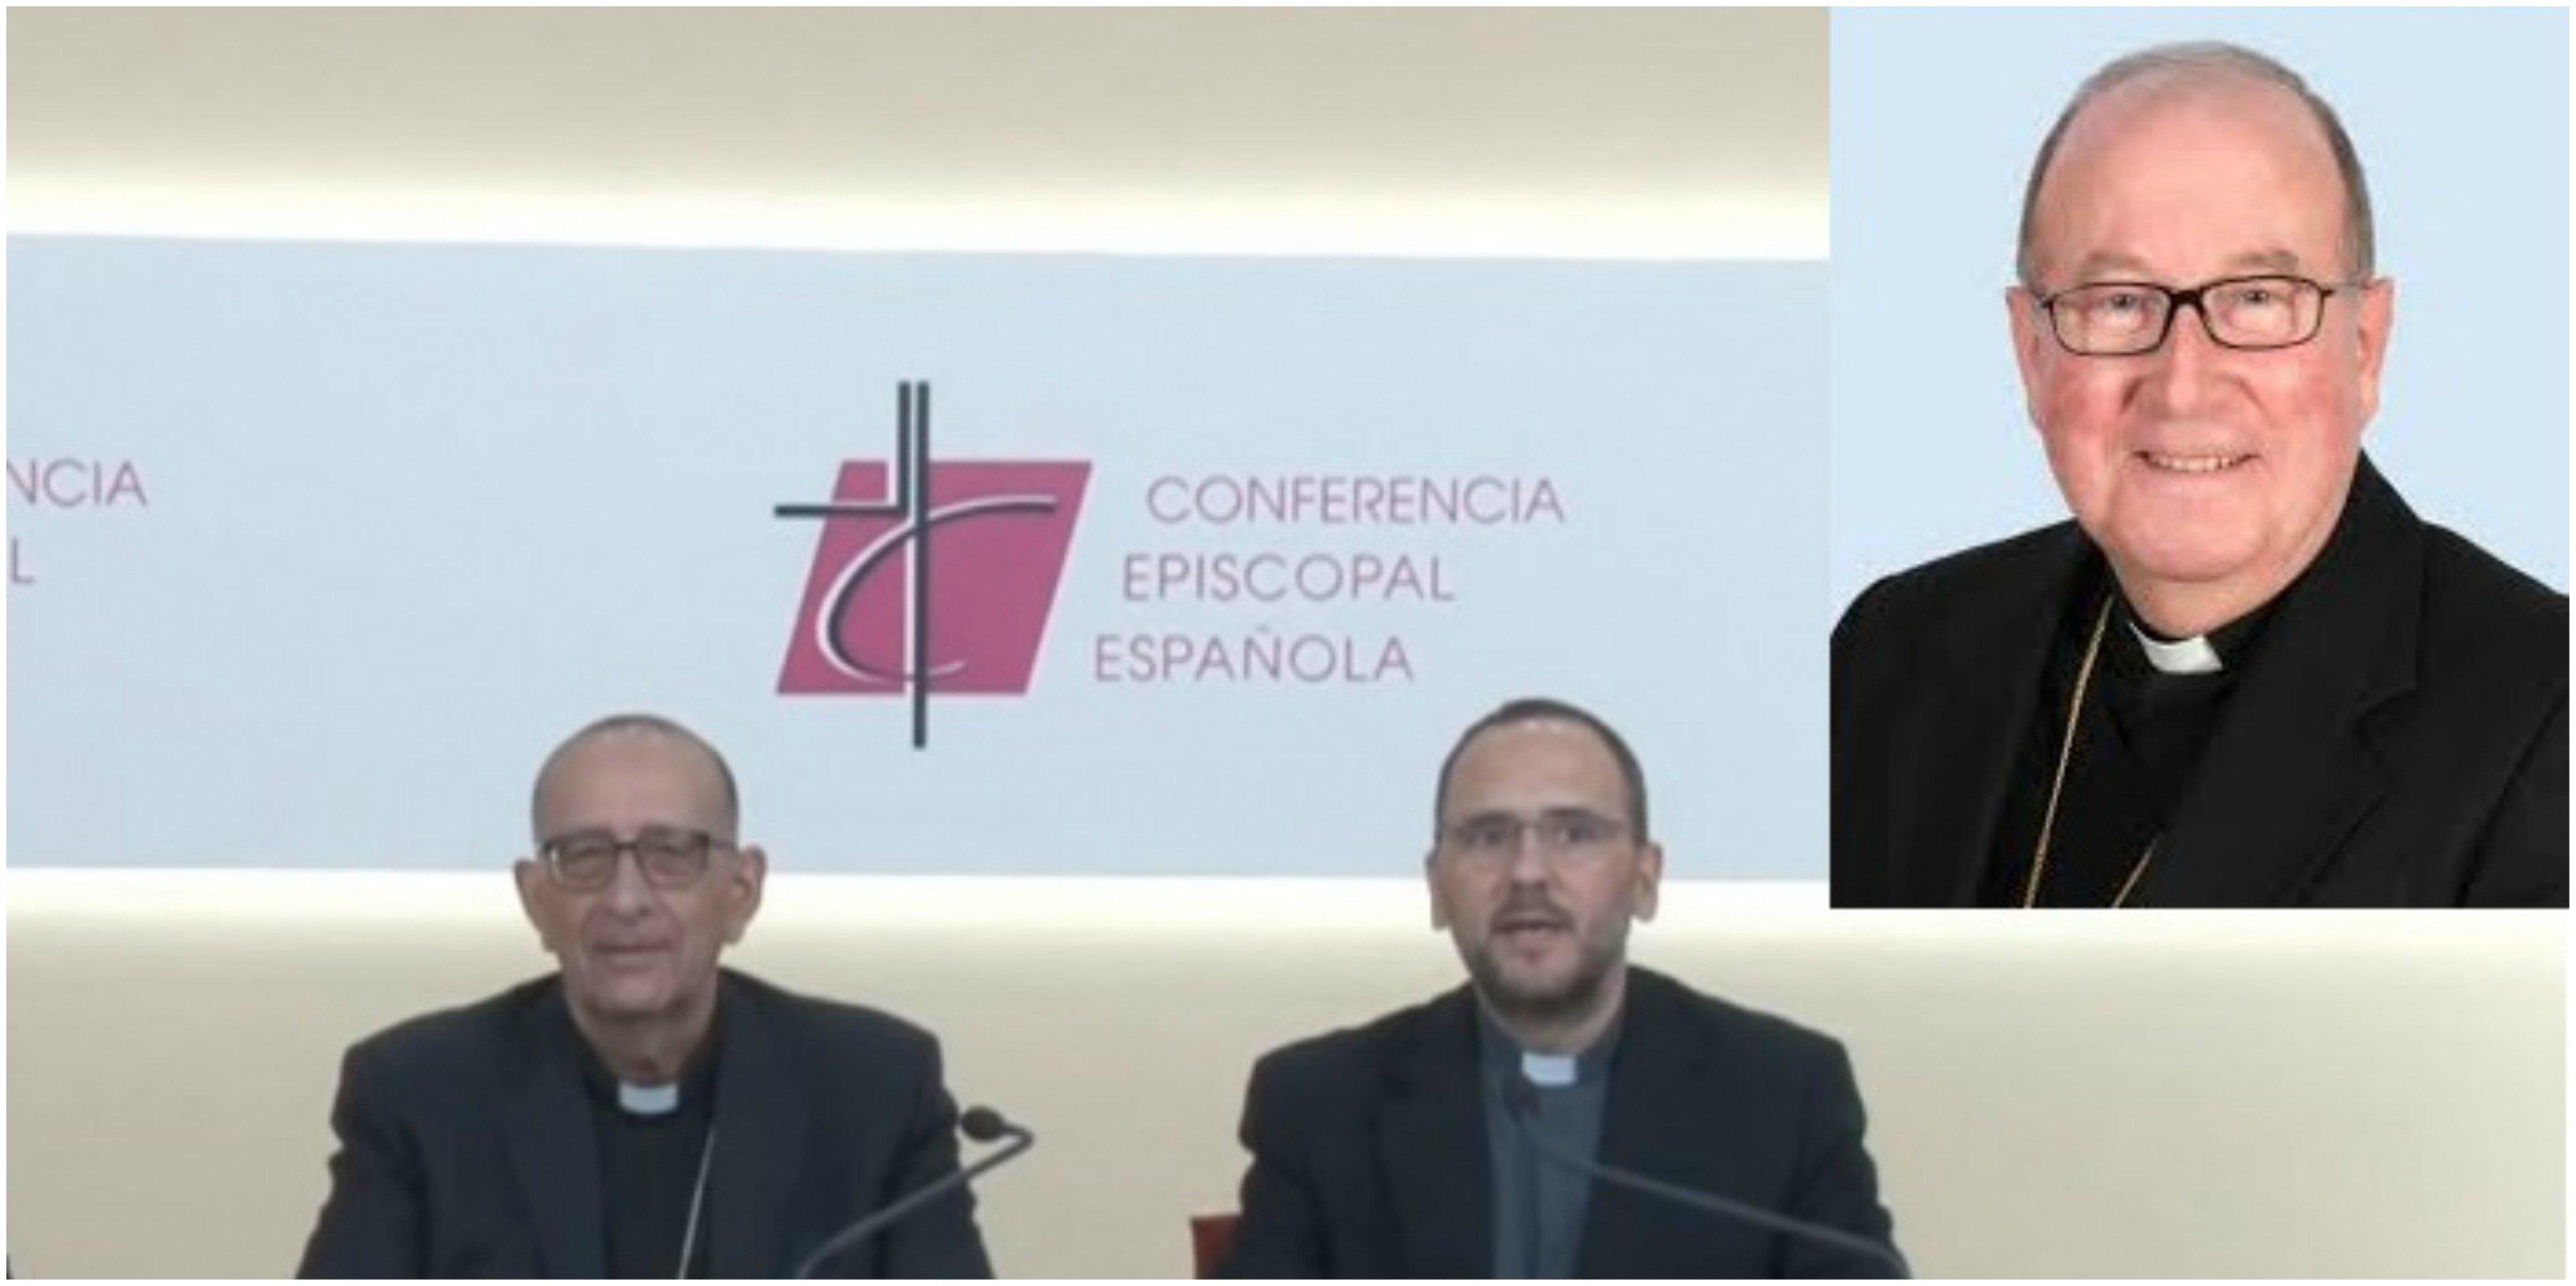 El Obispo de Cuenca, miembro del Opus Dei, presume de haber ido más allá que el Gobierno, al prohibir la Santa Misa